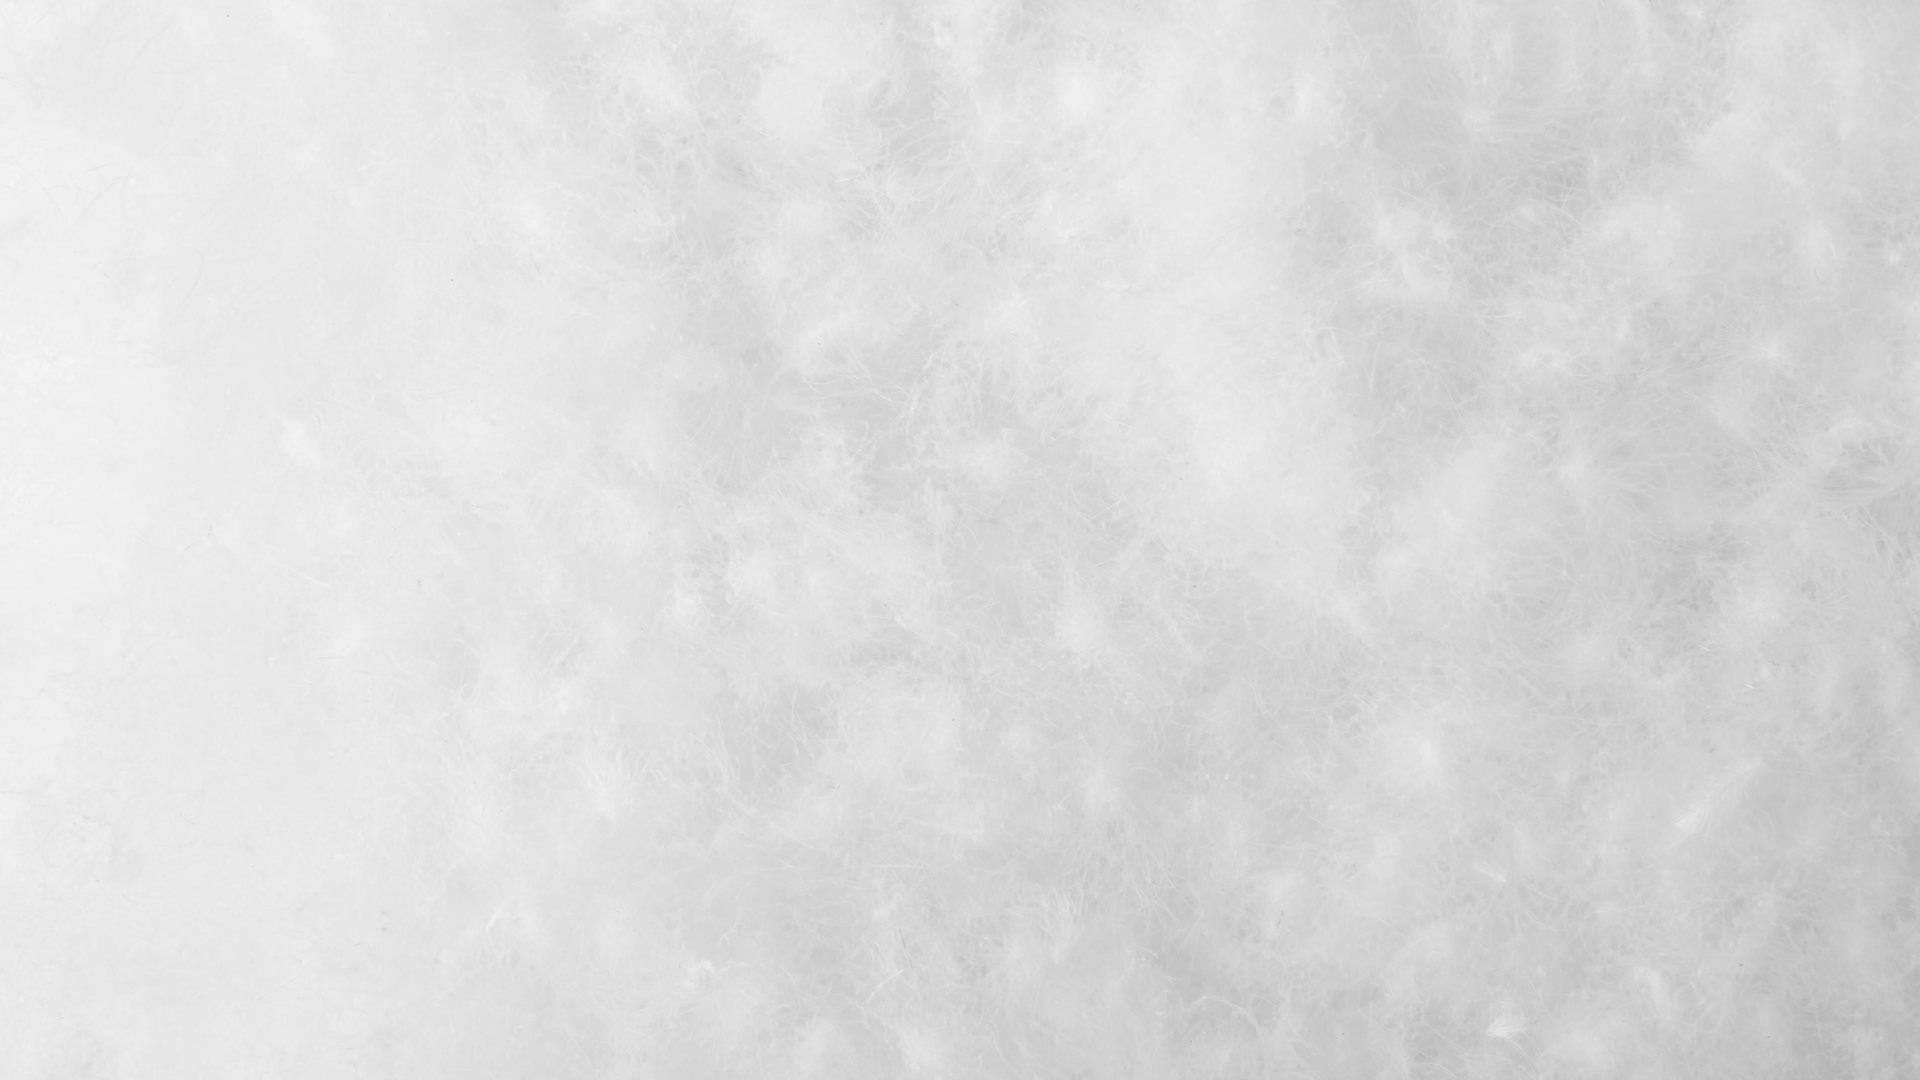 95%优质白鹅初绒,超大绒朵,超国标蓬松度